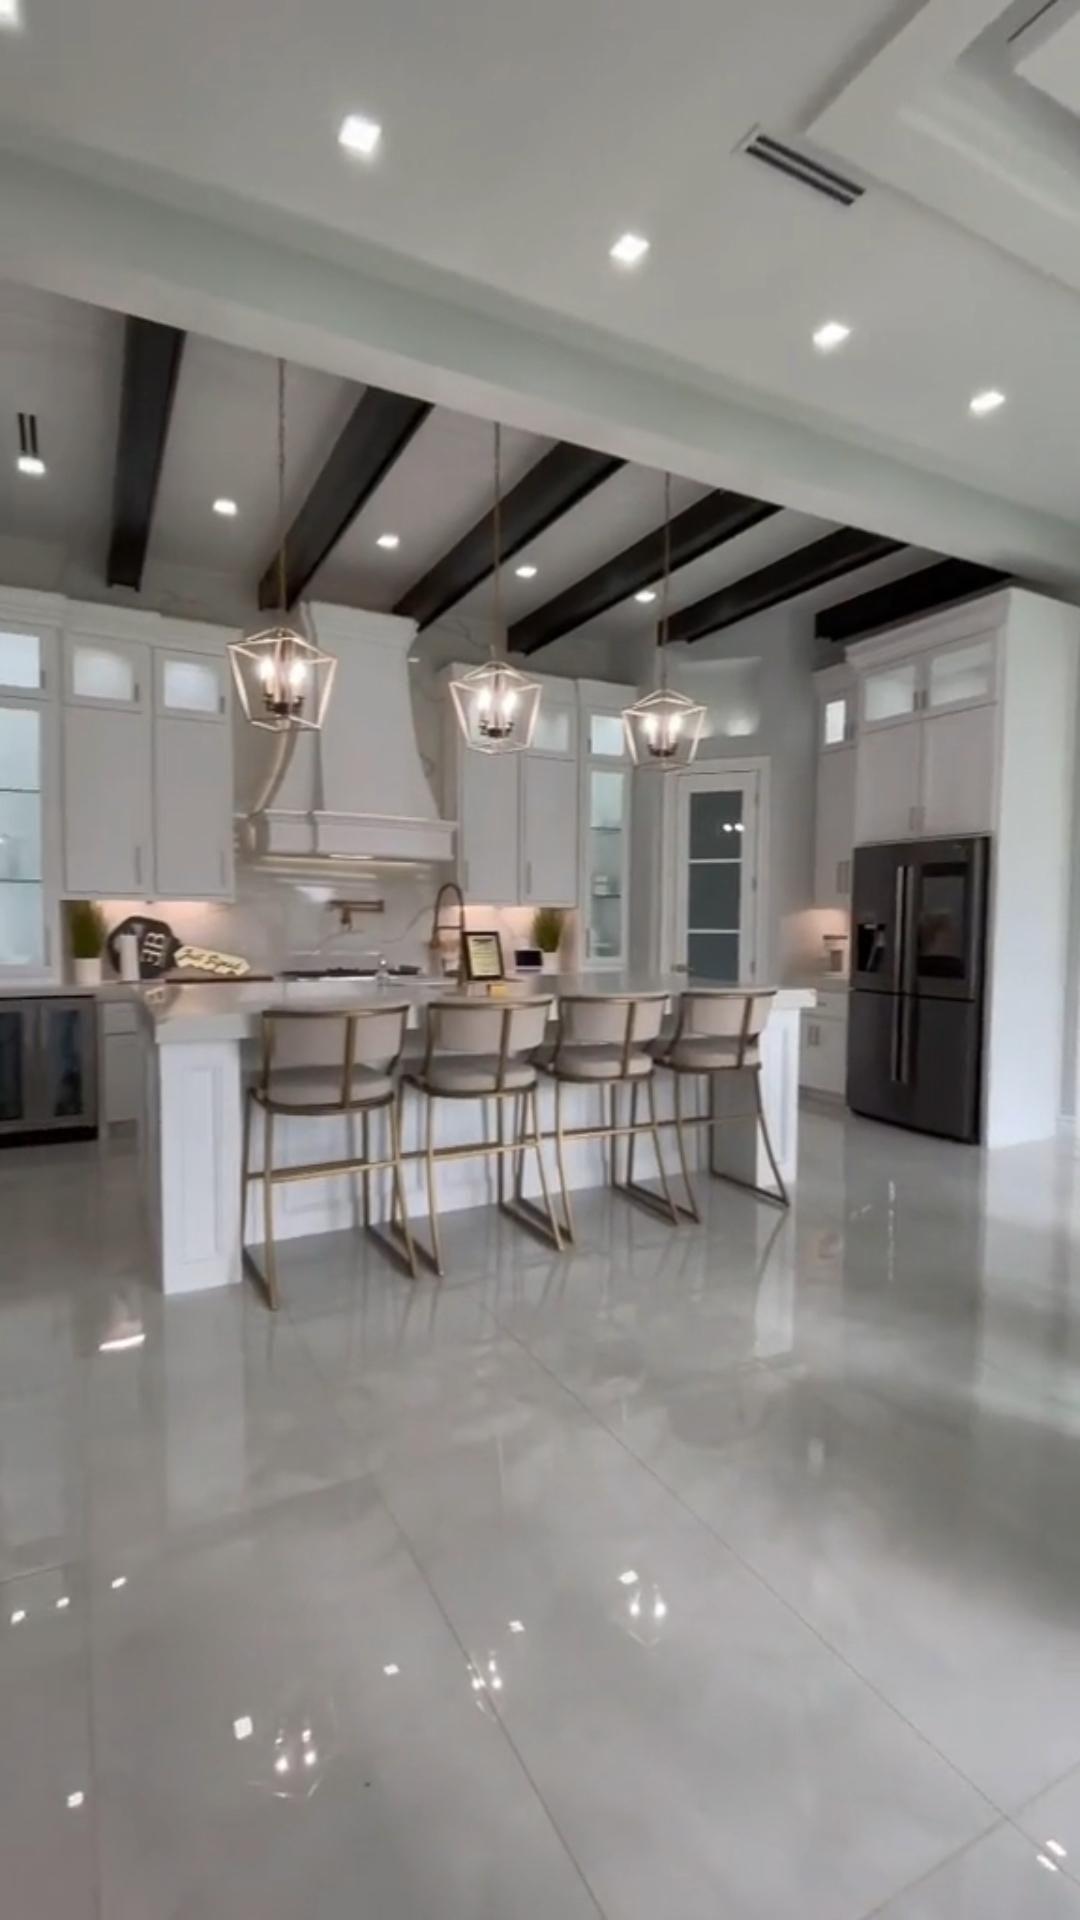 Breathtaking Open Kitchen Design!